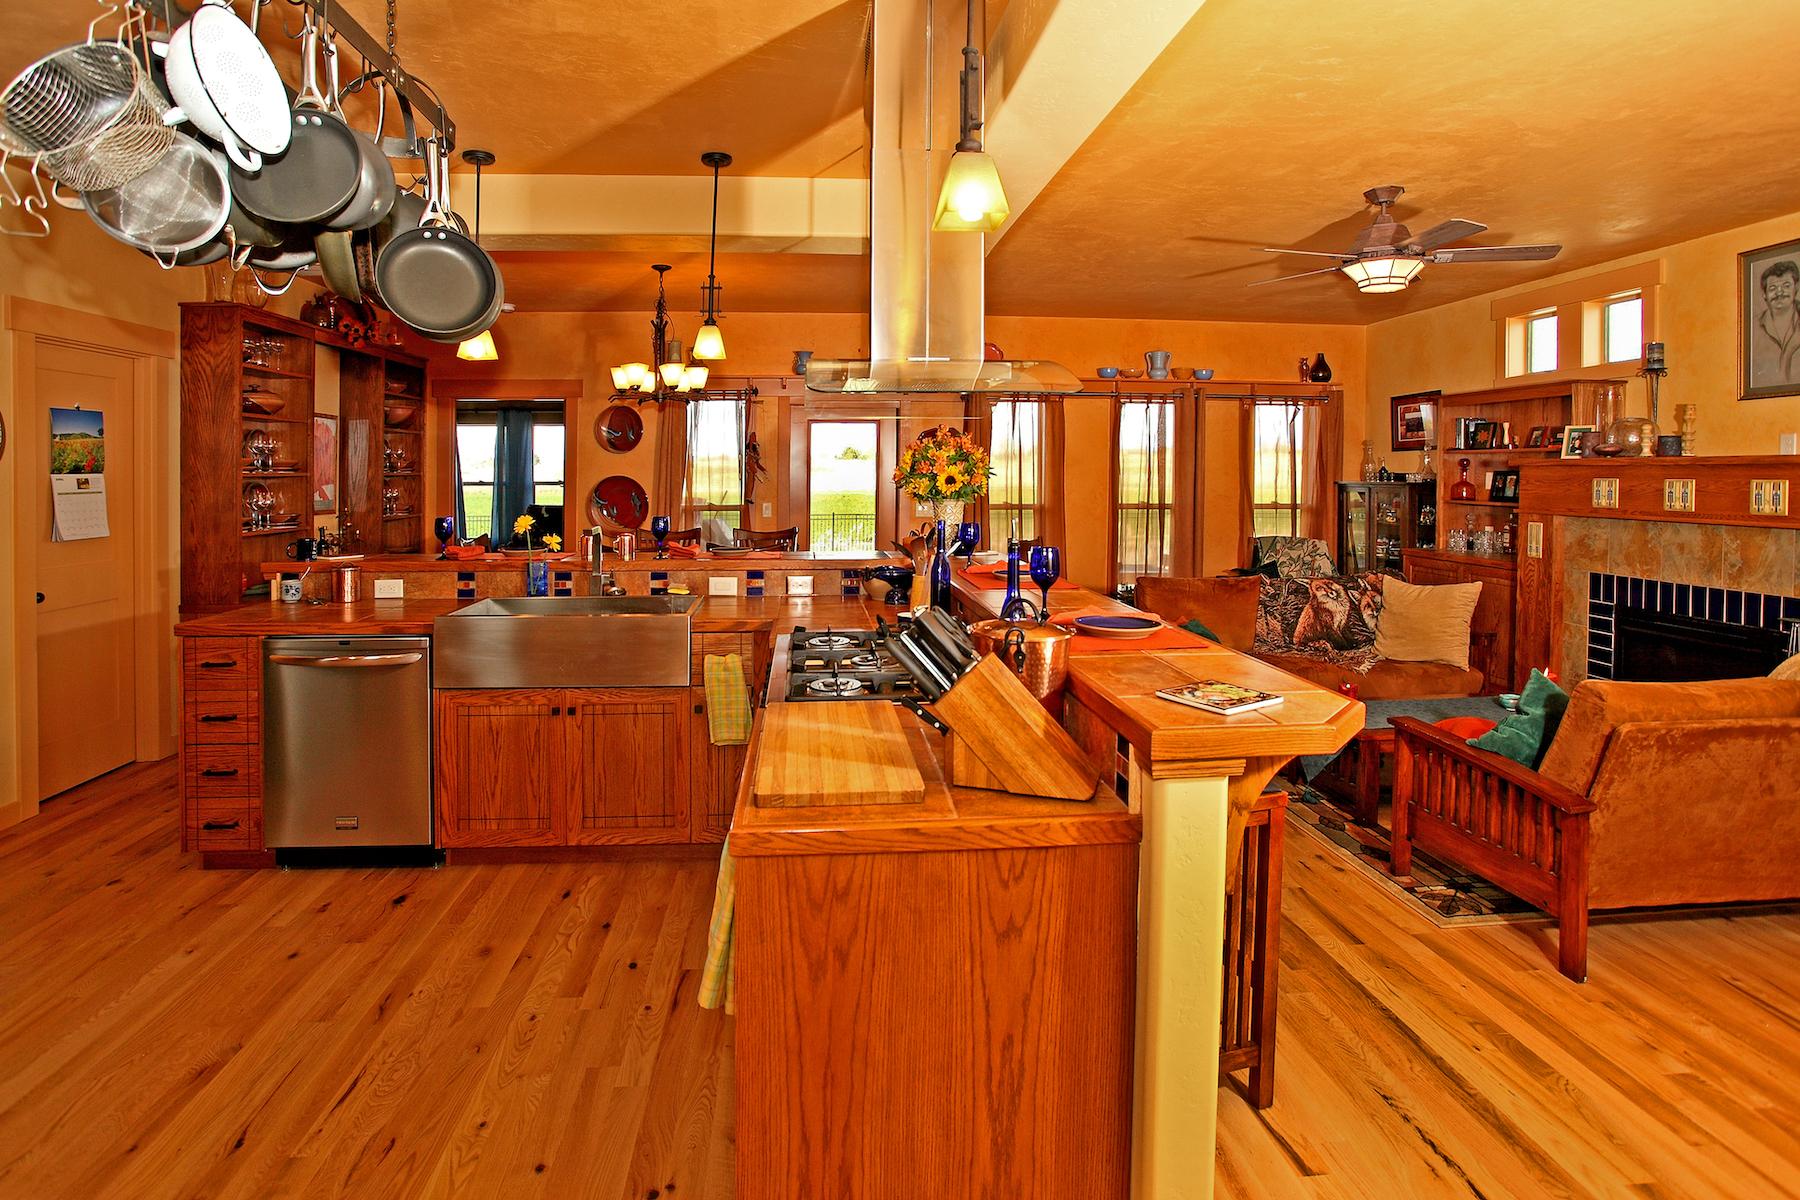 Flynner-Homes-Brownstone00009.jpg